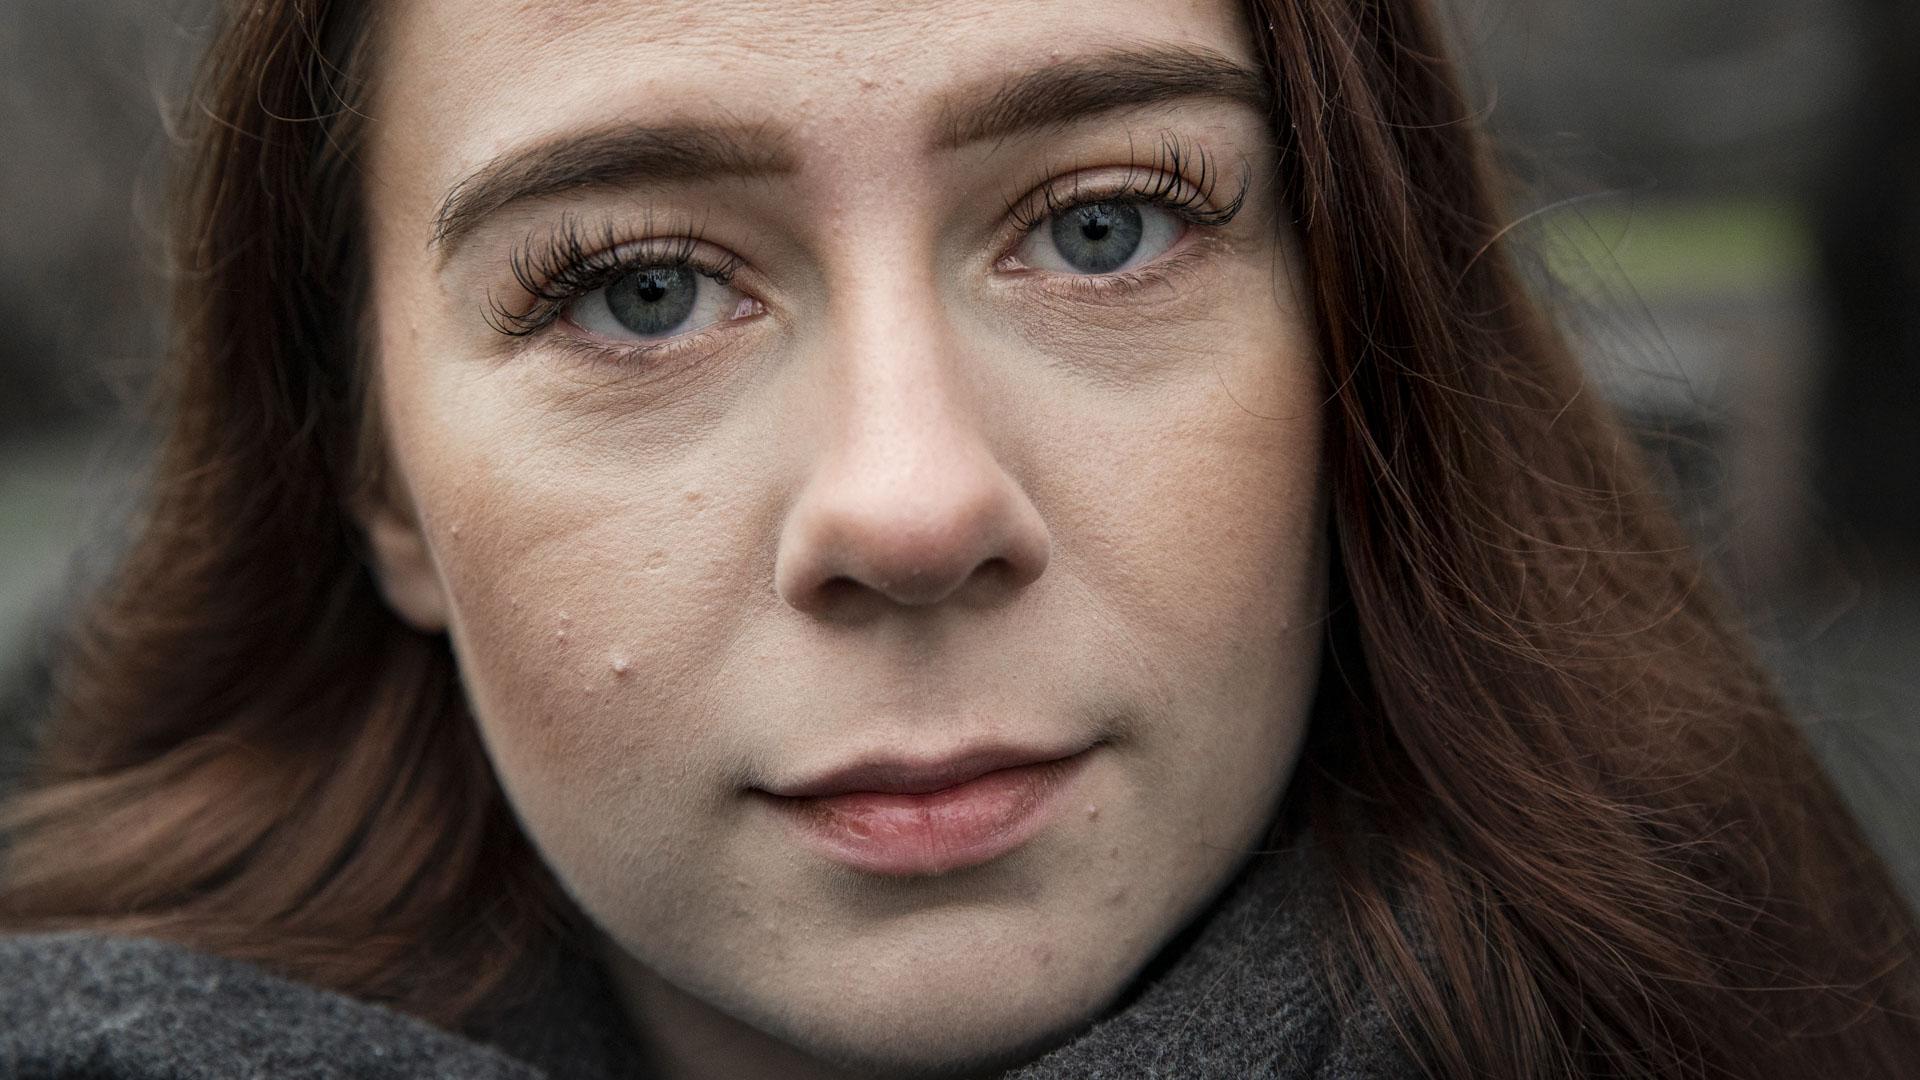 Bildet er et nærportrett av Synne, så ansiktet dekker hele bildeflaten. Synne ser inn i kameraet med mørkeblå øyne. Hun har brunt, gyldent hår som blåser litt bakover mot skuldrene. Vippene er lange, og huden lys. Munnen er lukket, og ansiktsuttrykket er en krysning av alvorlig og smilende. Rundt halsen har hun et grått skjerf.